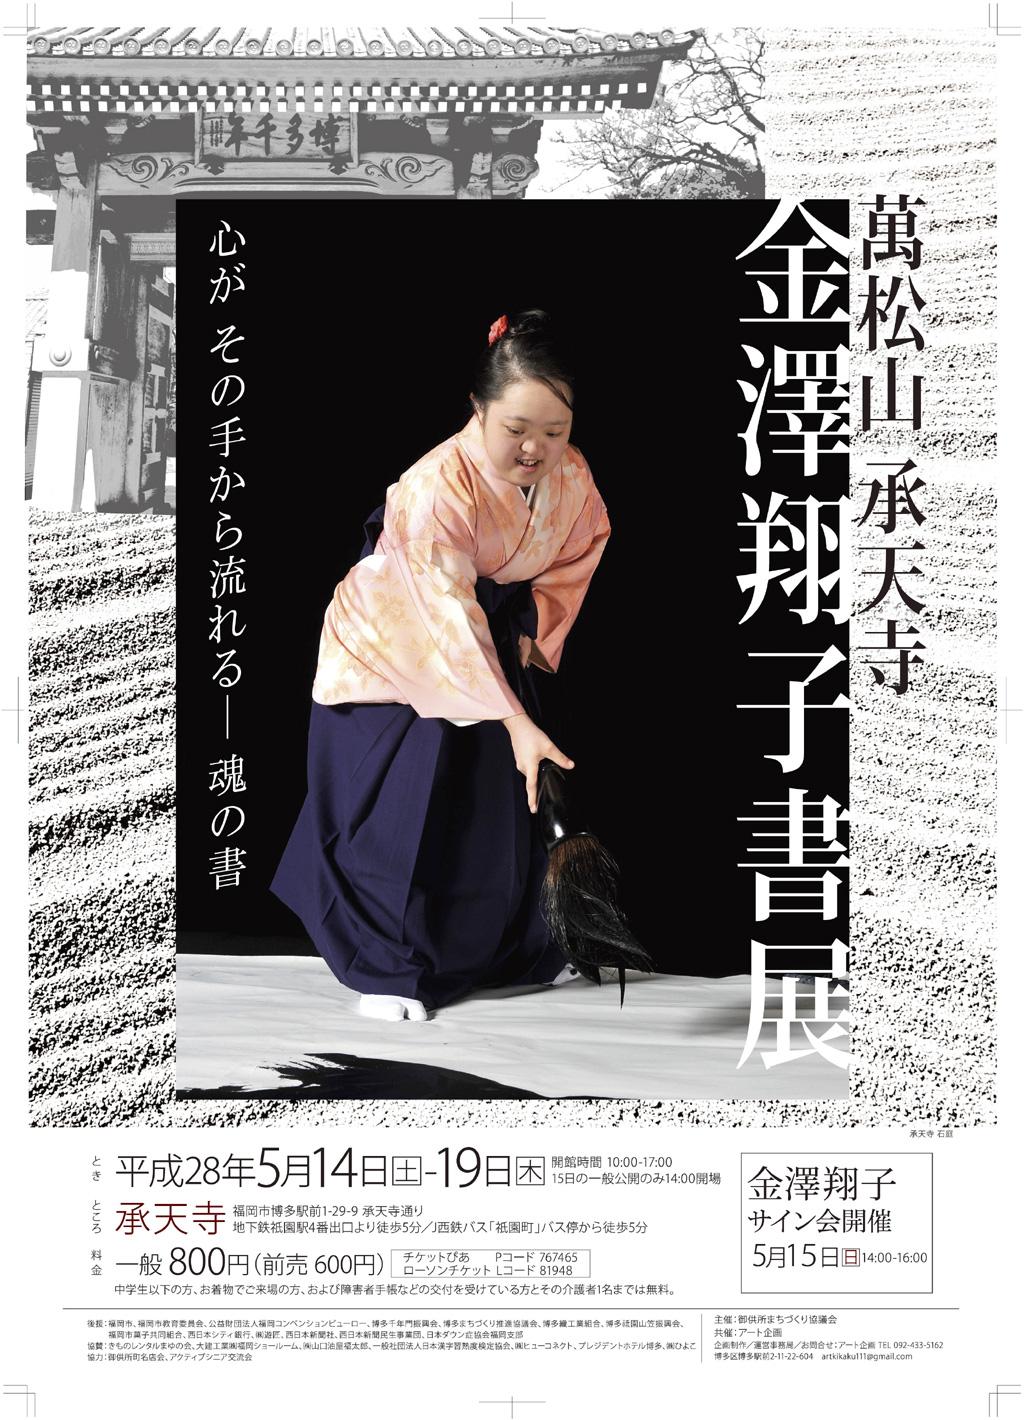 syo-jyotenji-w1024